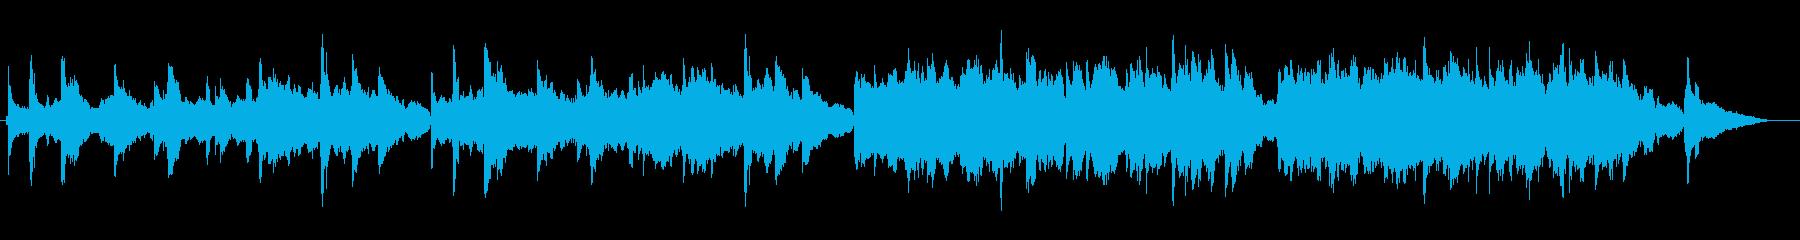 優しく主張のないピアノストリングスBGMの再生済みの波形